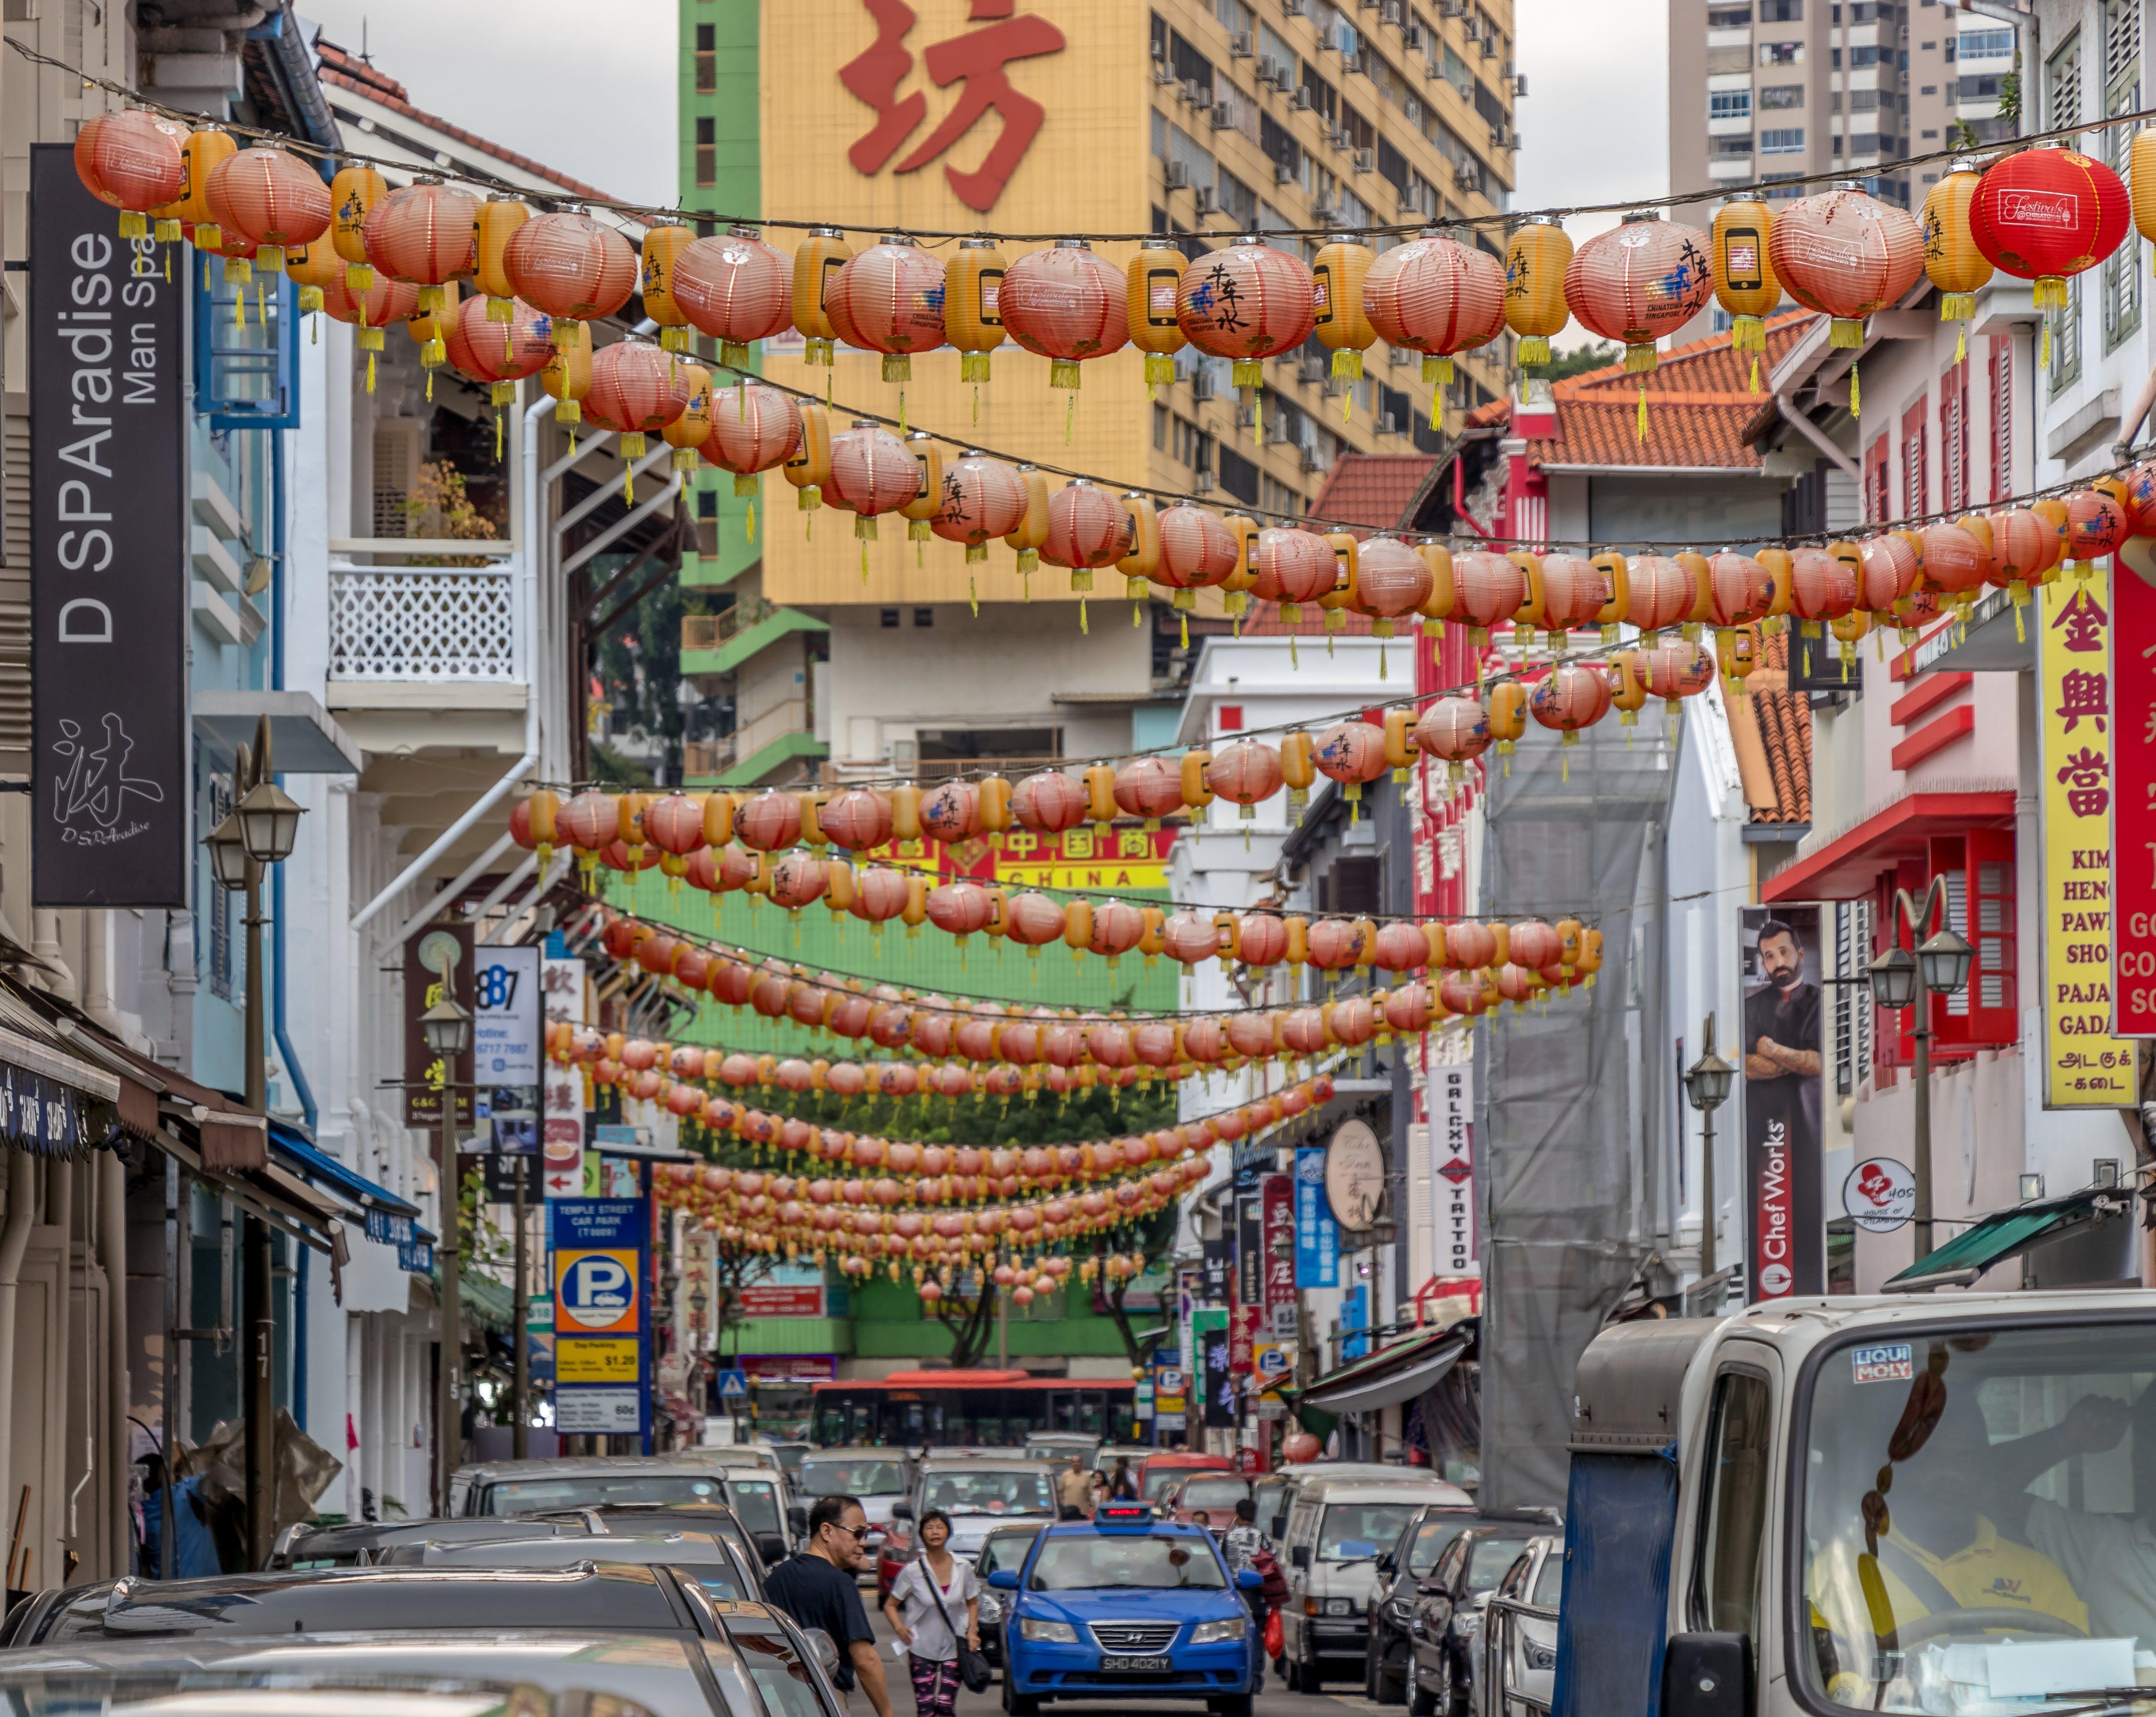 Δωρεάν στοκ φωτογραφιών με chinatown, αυτοκίνητα, ζωή στην πόλη, πόλη